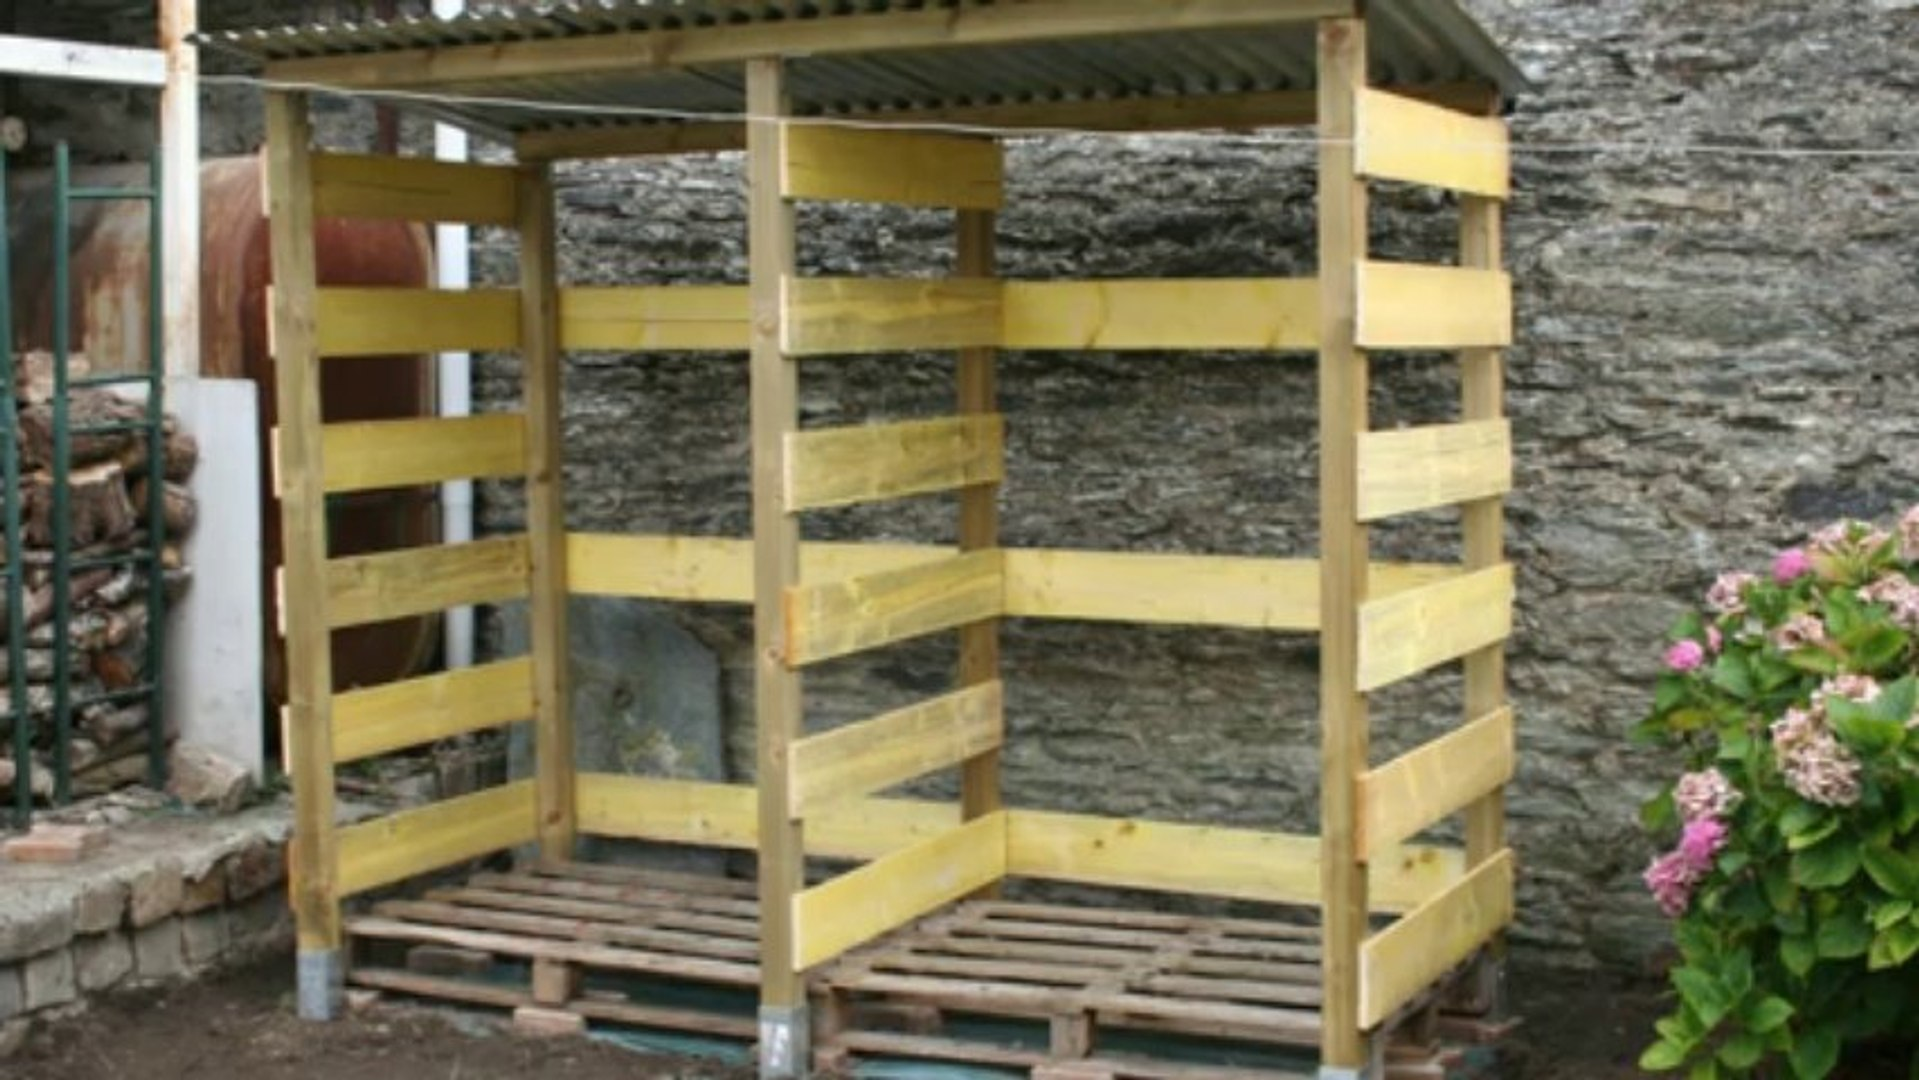 Abri De Jardin Avec Palettes 2013-09 construction d'un abri à bois de chauffage